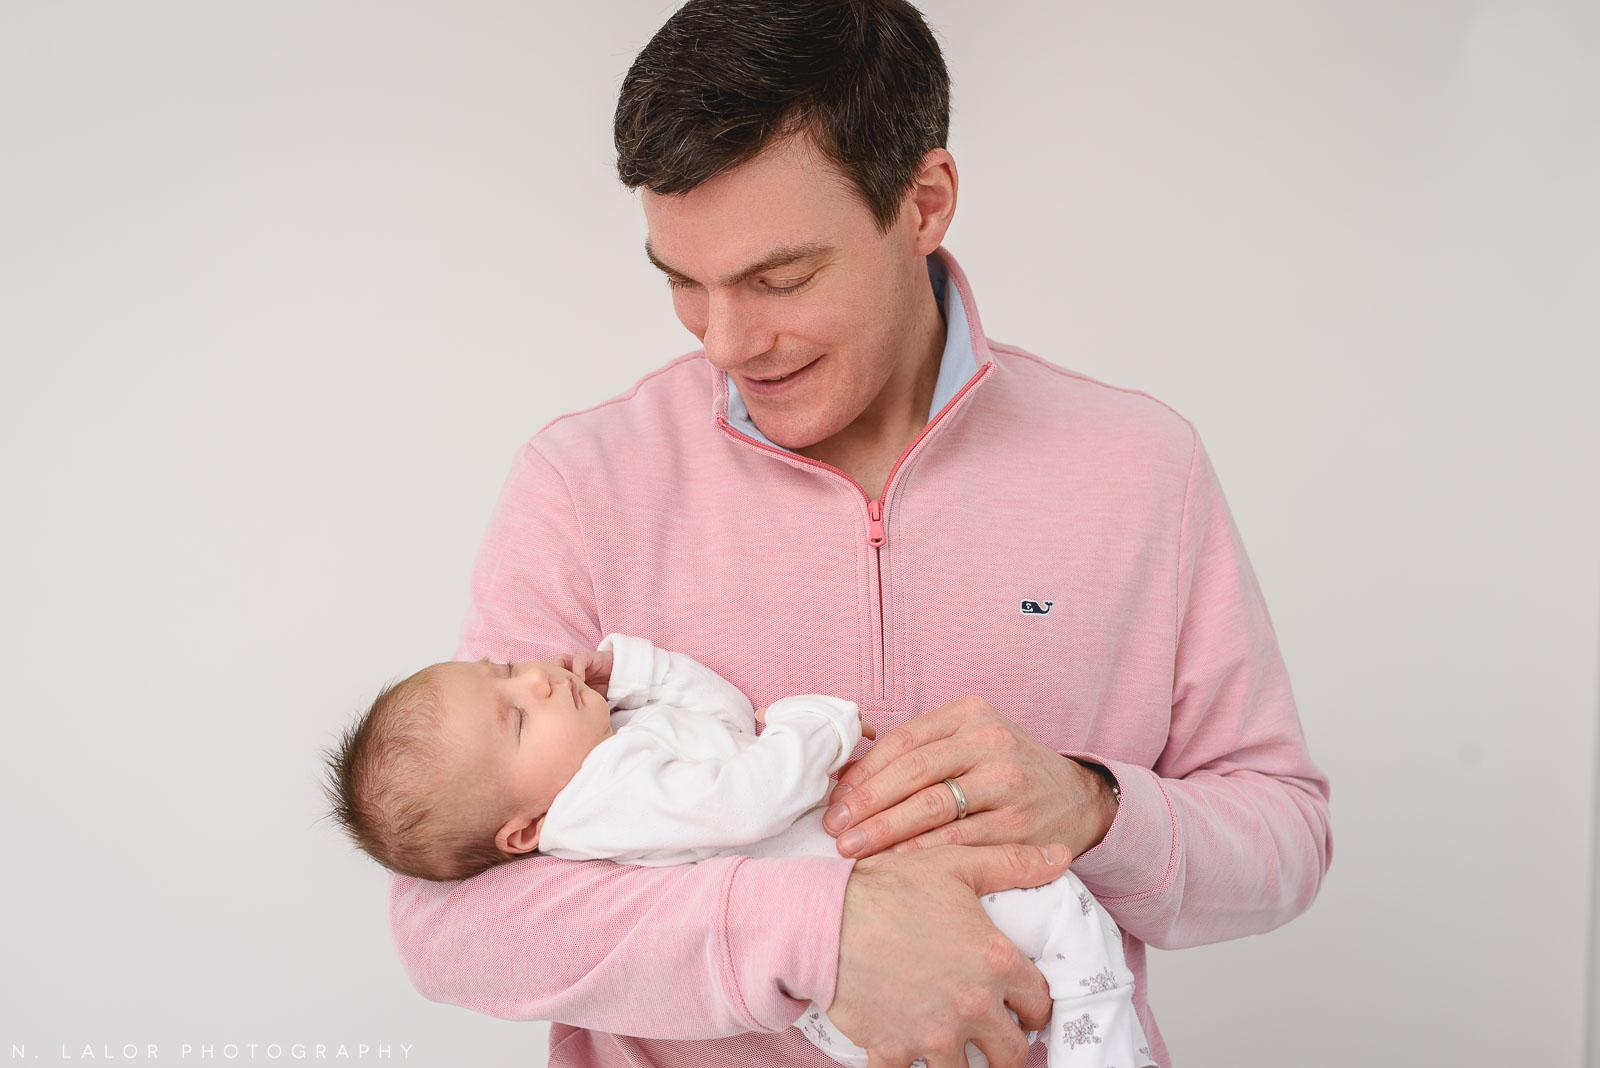 06-father-daughter-portrait-newborn-baby.jpg